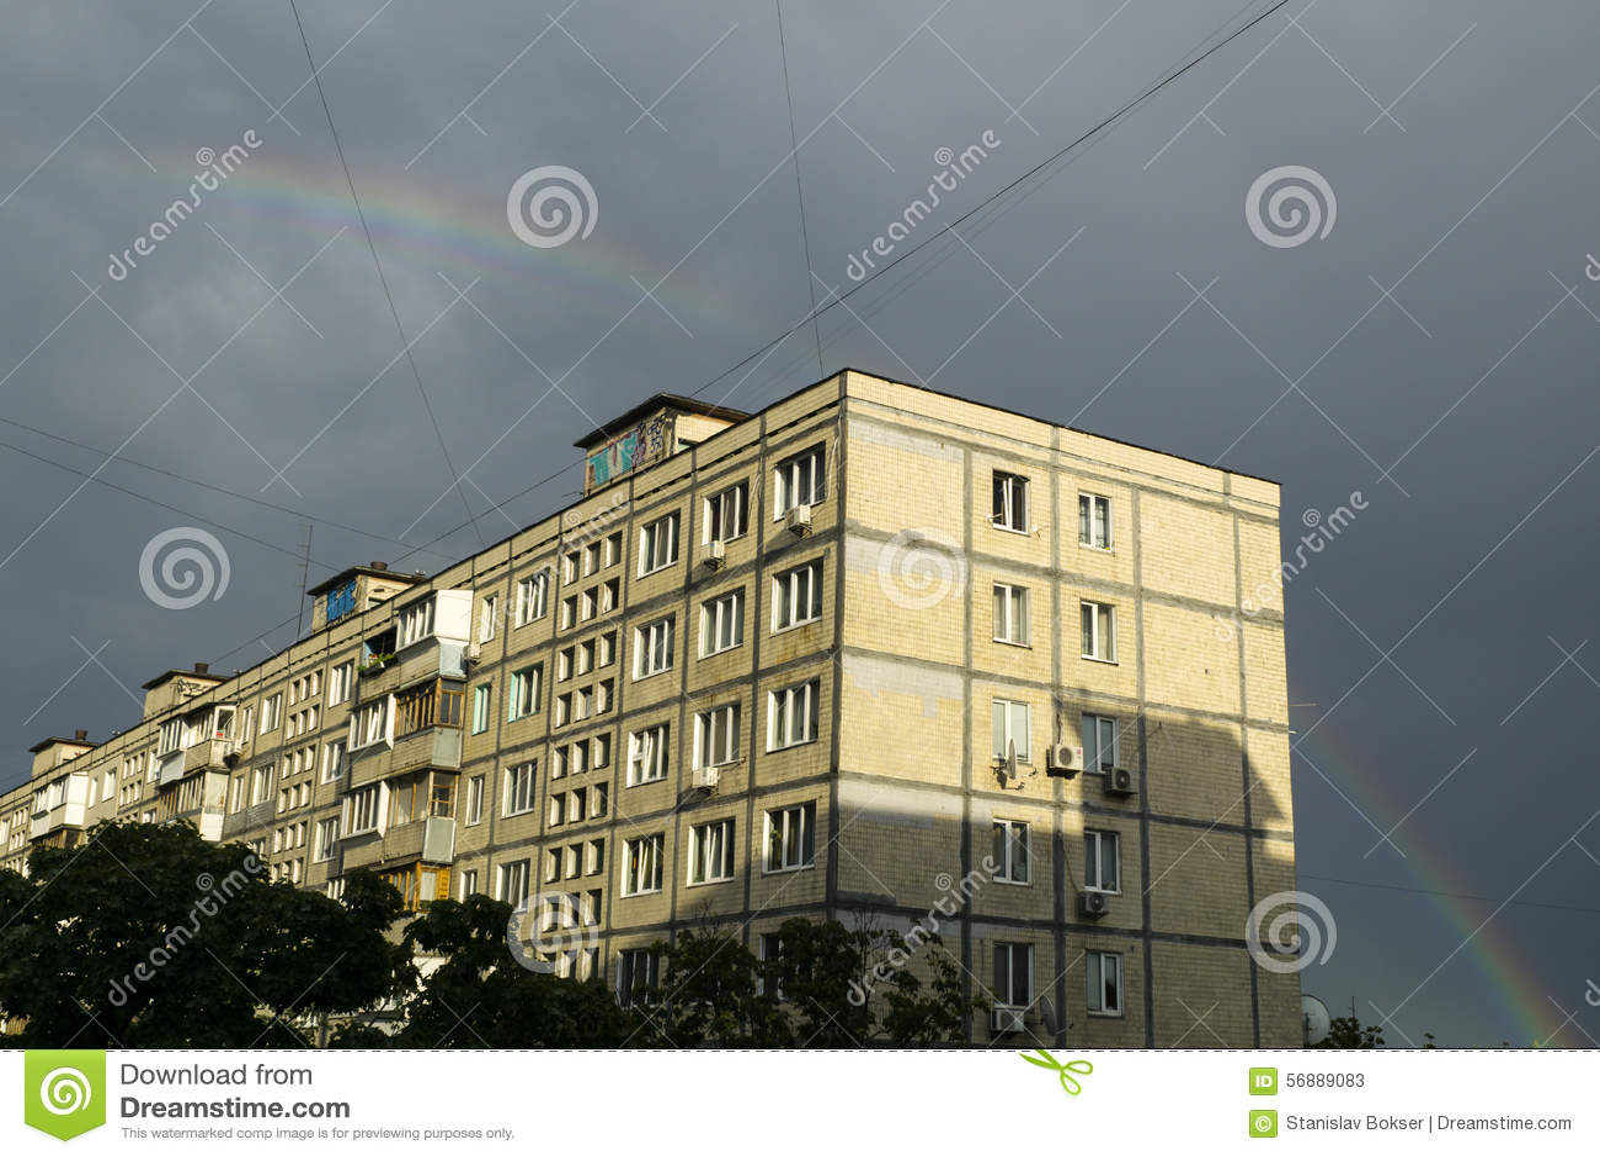 Camera, arcobaleno e nuvole sul cielo blu